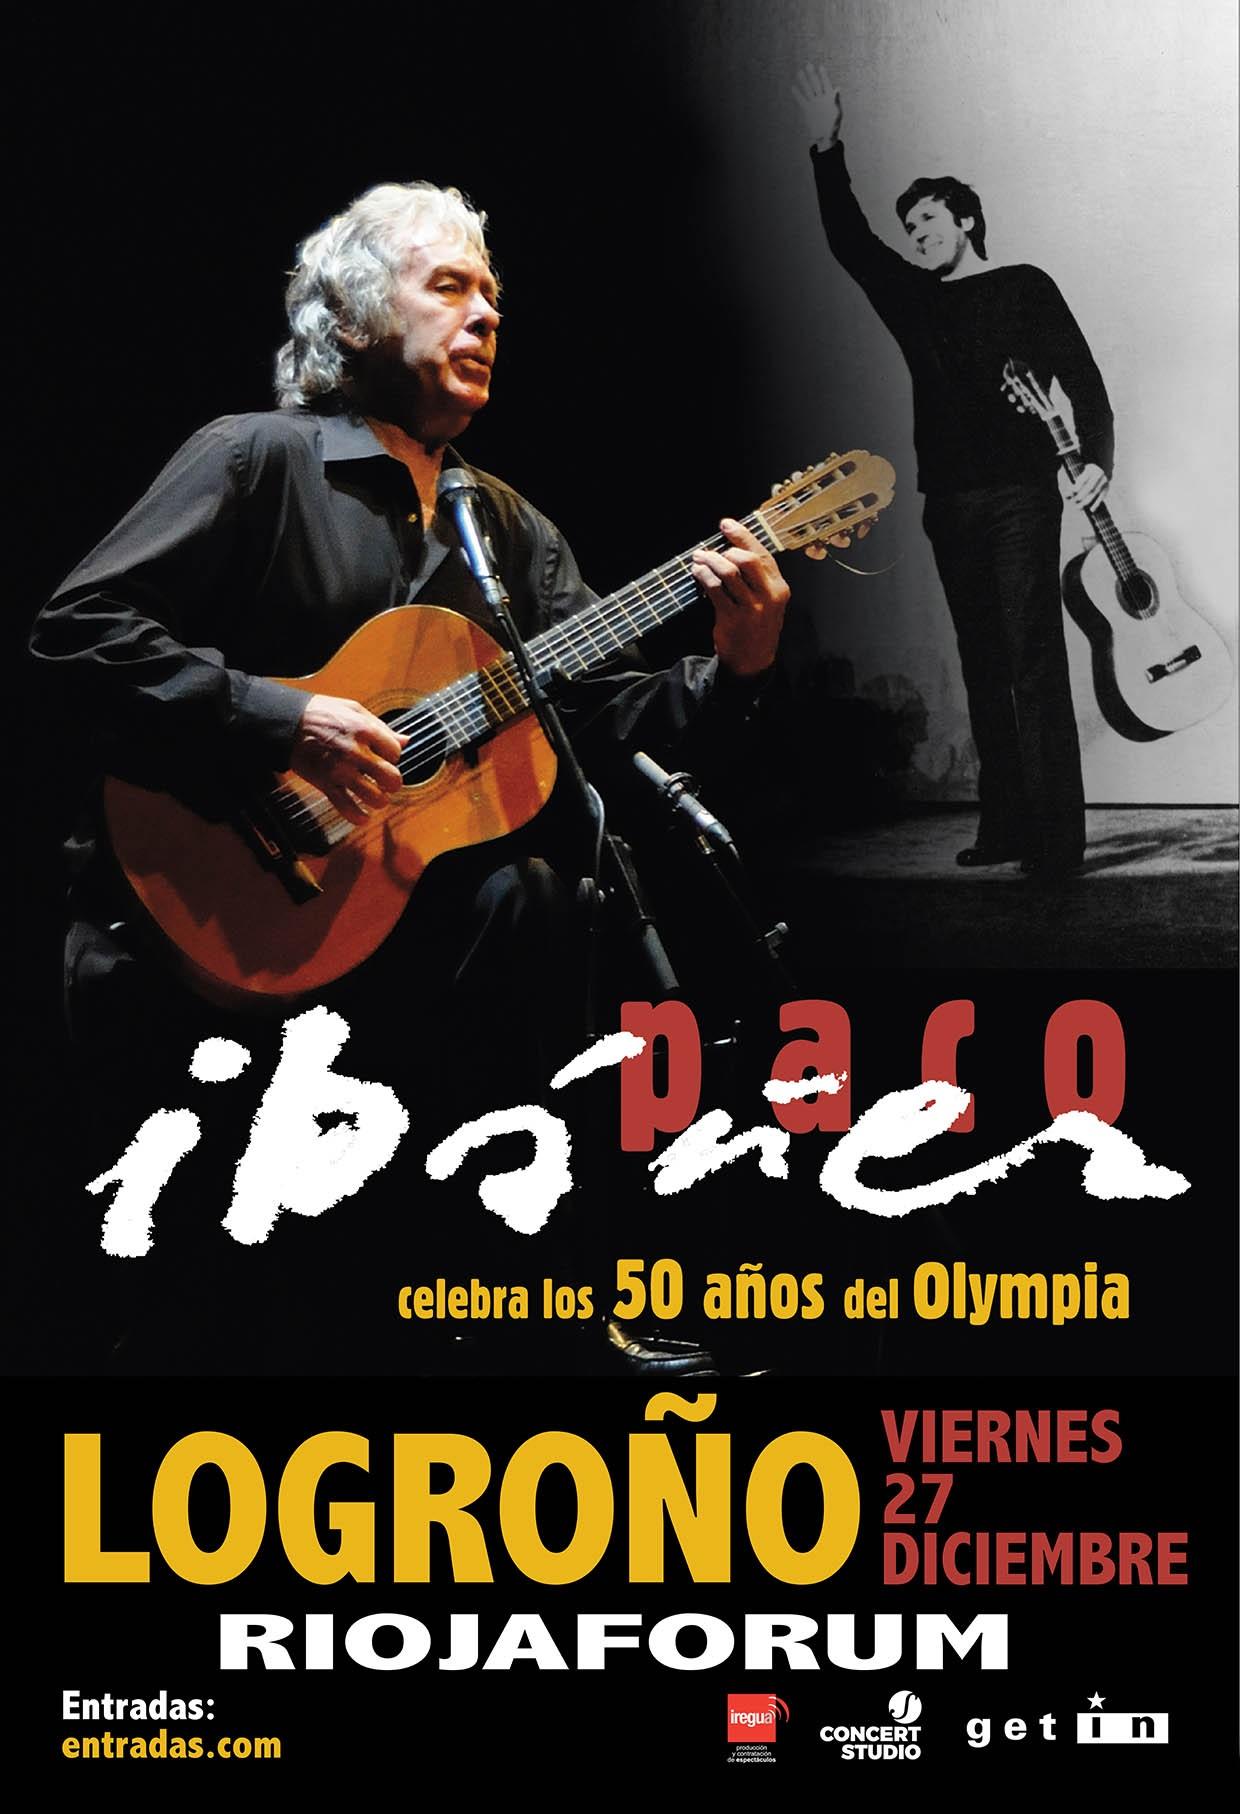 Paco Ibáñez en concierto